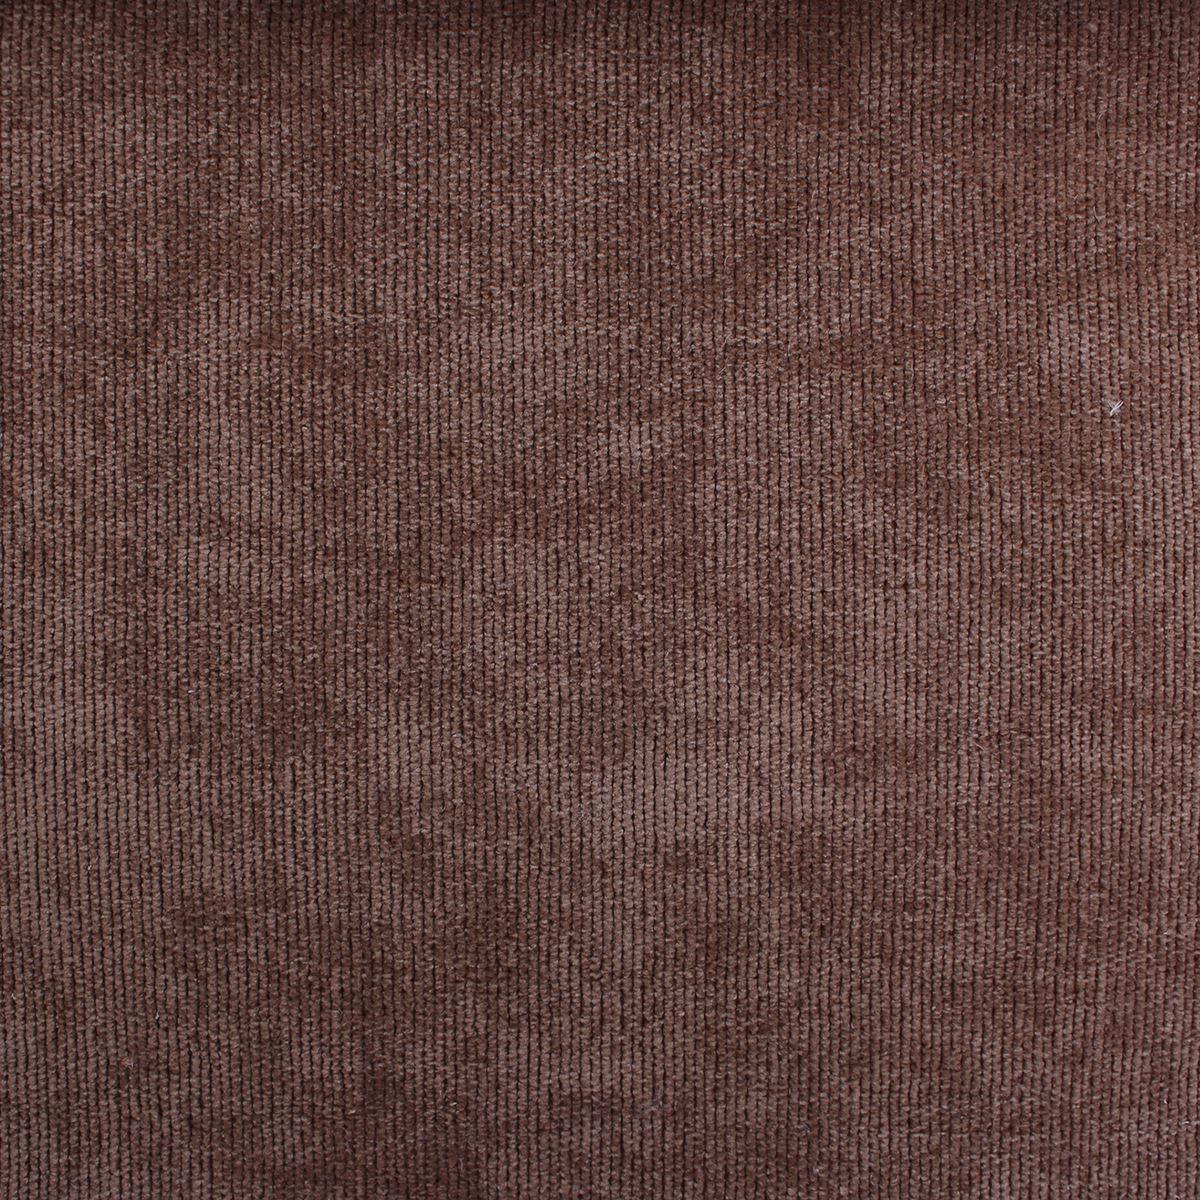 Velvet Chenille Fabric Sofa: Luxury Plain Fire Retardant Velvet Chenille Sofa Seating